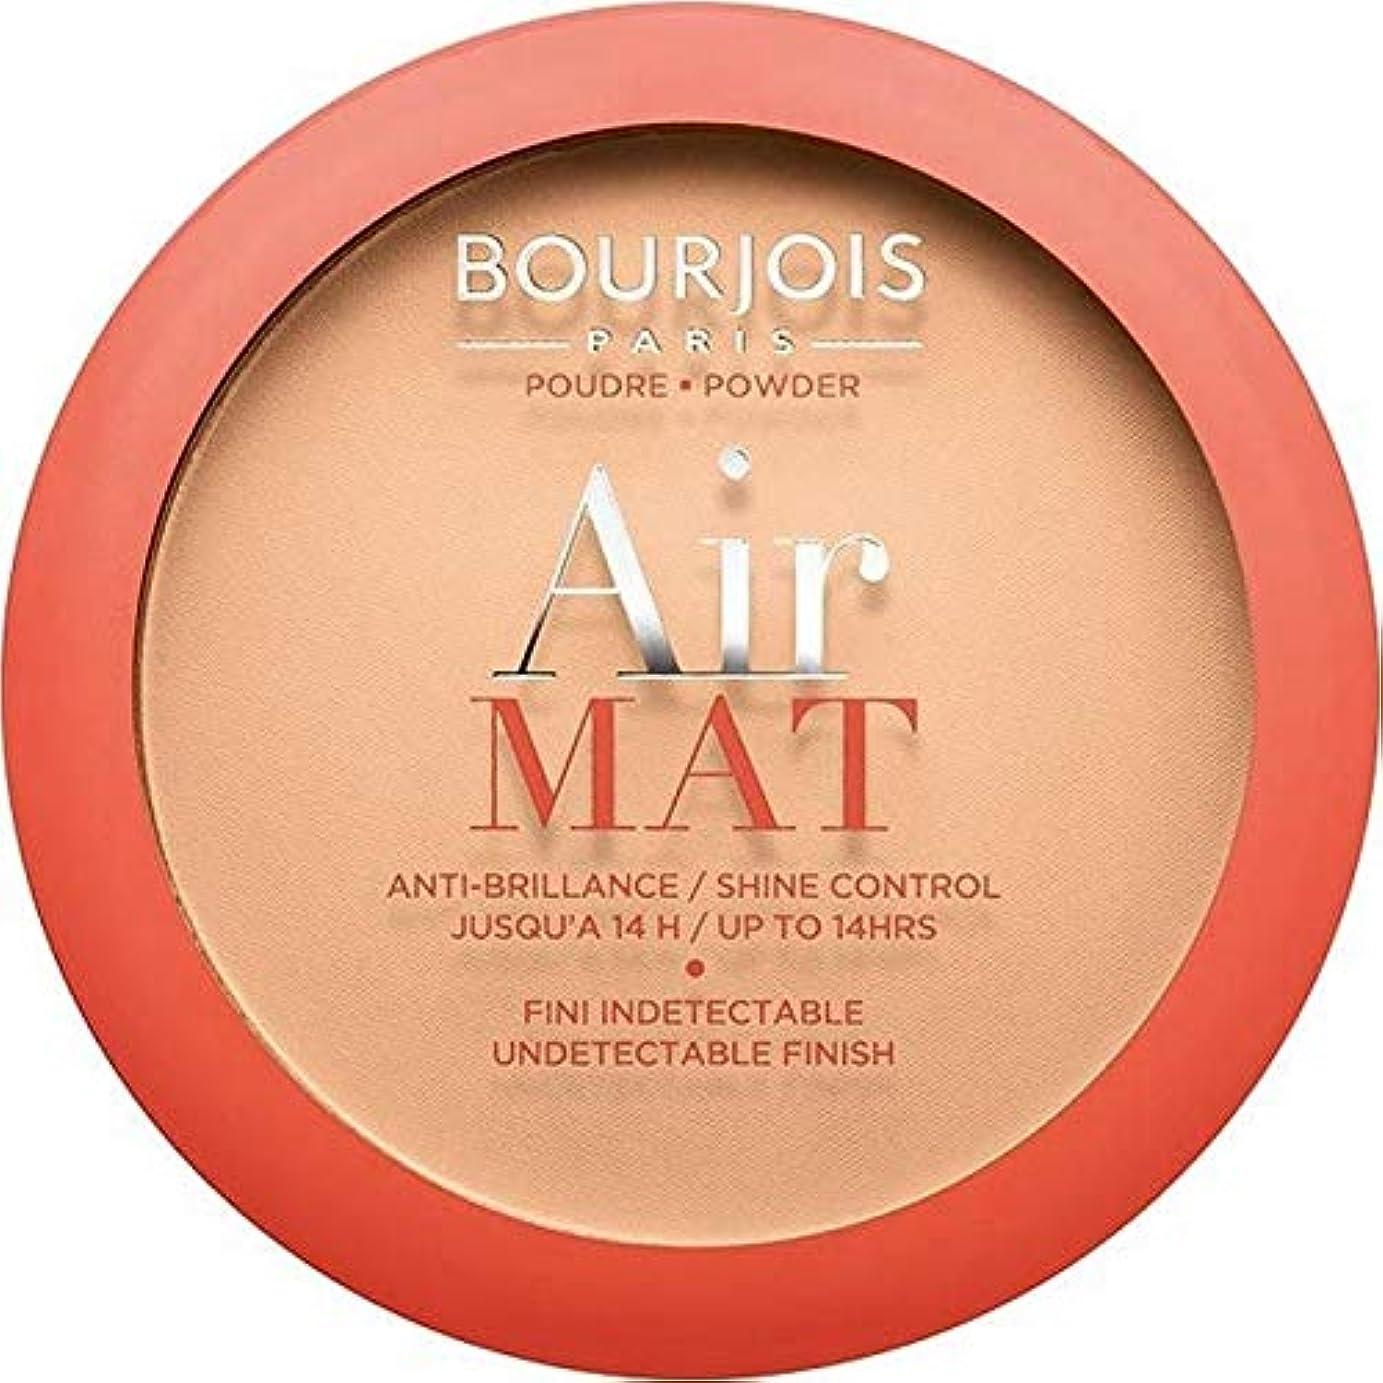 交換可能ばかげた時計[Bourjois ] ブルジョワエアーマットは、粉末を押す - アプリコットベージュ - Bourjois Air Mat Pressed Powder - Apricot Beige [並行輸入品]